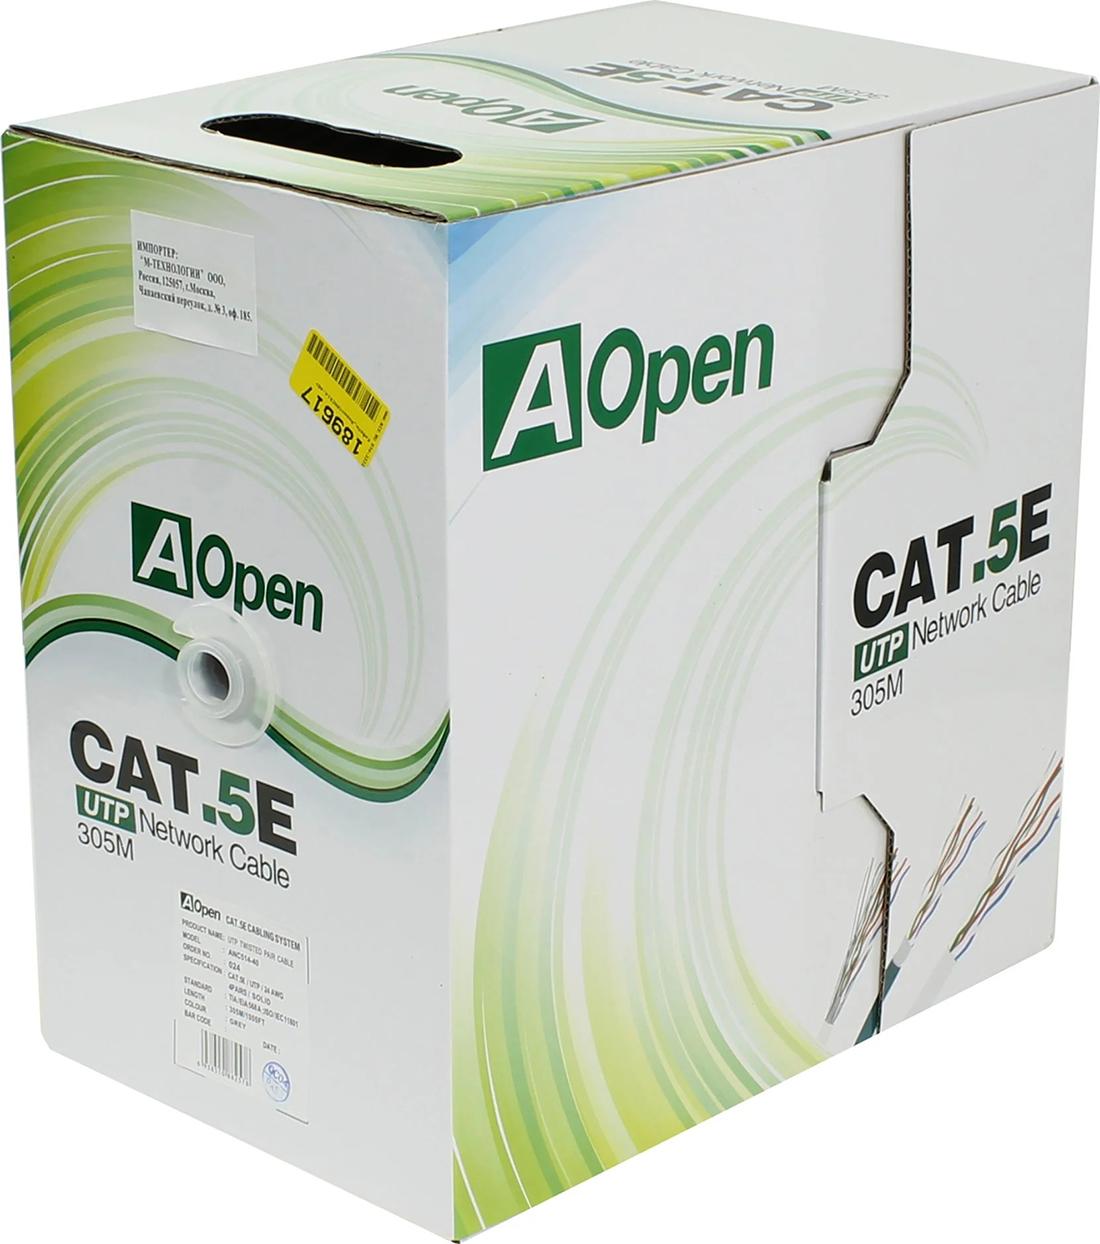 Кабель AOpen ANC514-40, 305 м кабель aopen anc514 40 aopen utp 4x2x0 4mm 305m